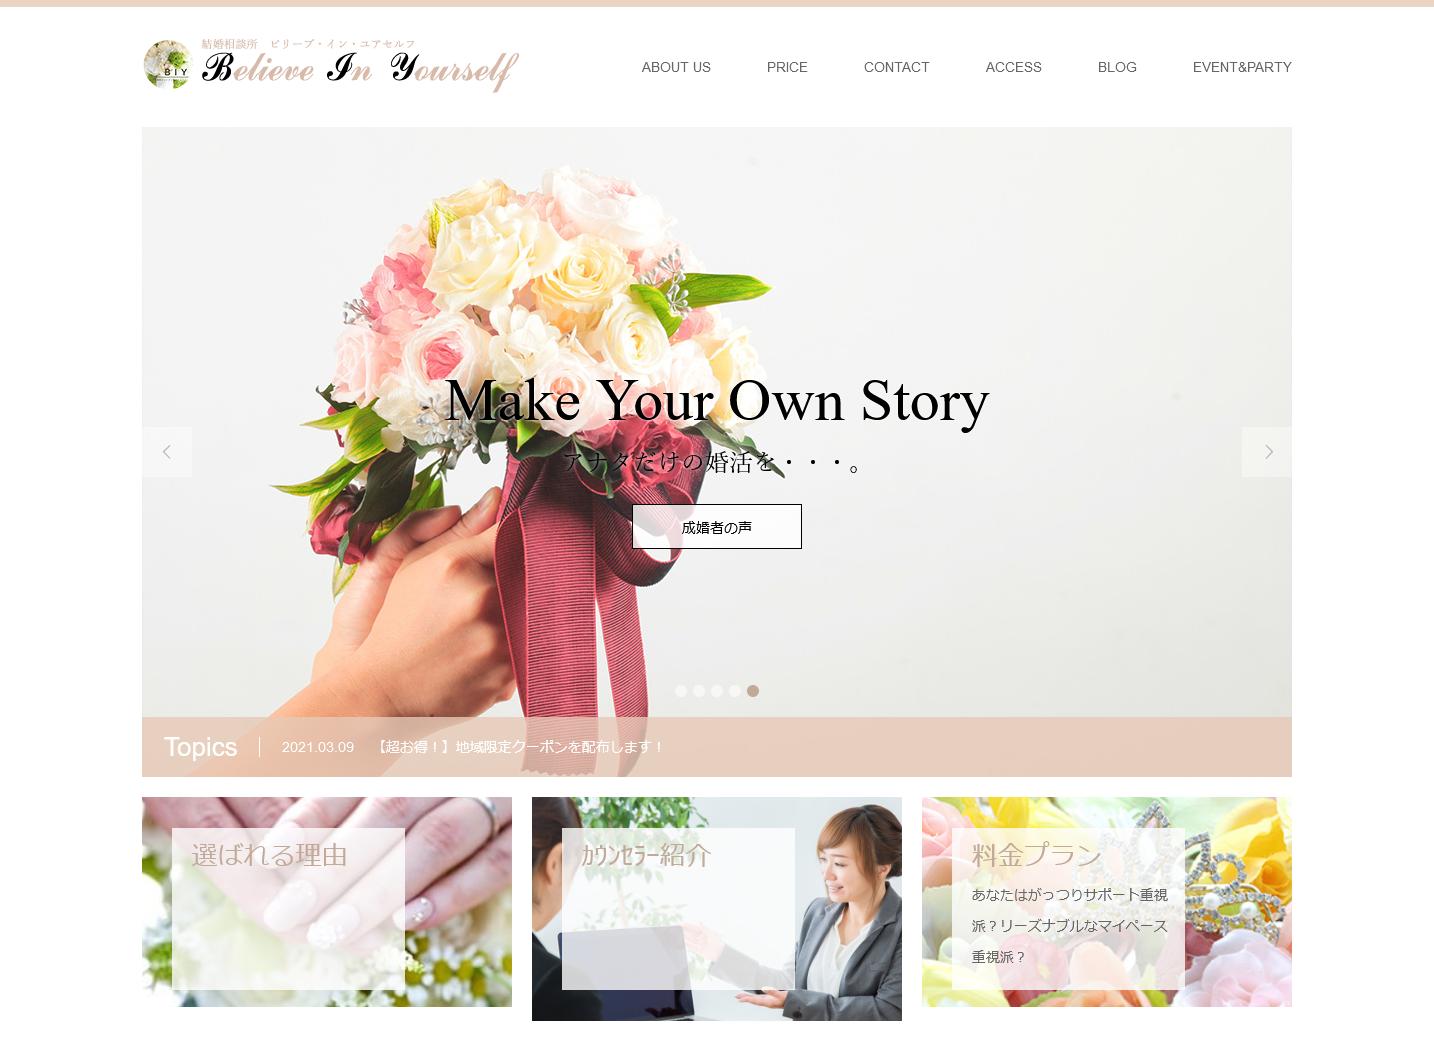 結婚相談所ビリーブ・イン・ユアセルフ(B・I・Y) - 大阪結婚相談所ビリーブ・イン・ユアセルフは「結婚したい」を現実にする高い成婚退会率